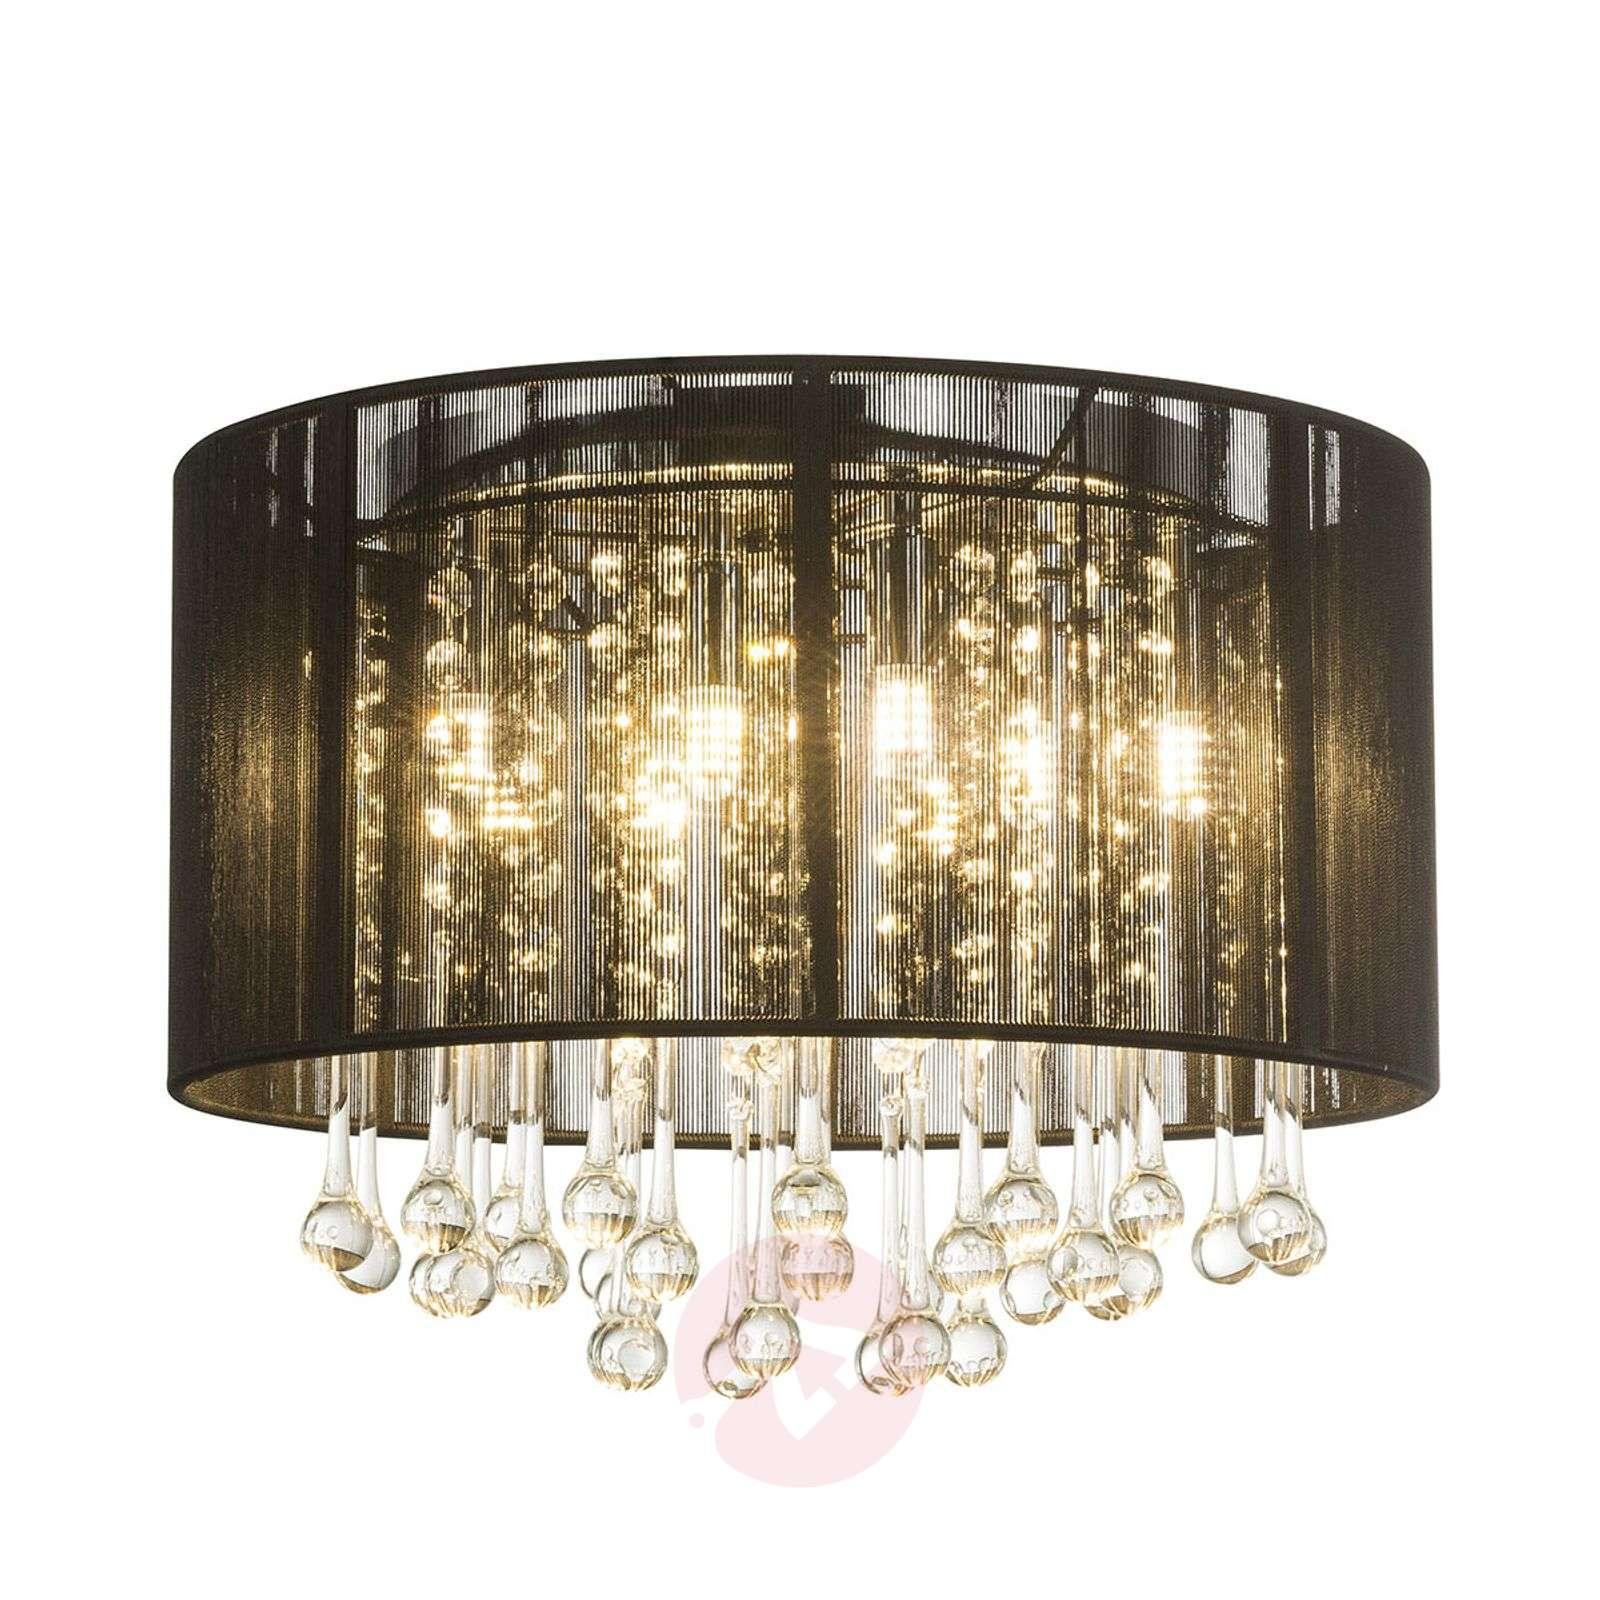 LED-kattovalaisin Sierra, silkkivarjostin, riipus-4015031-01